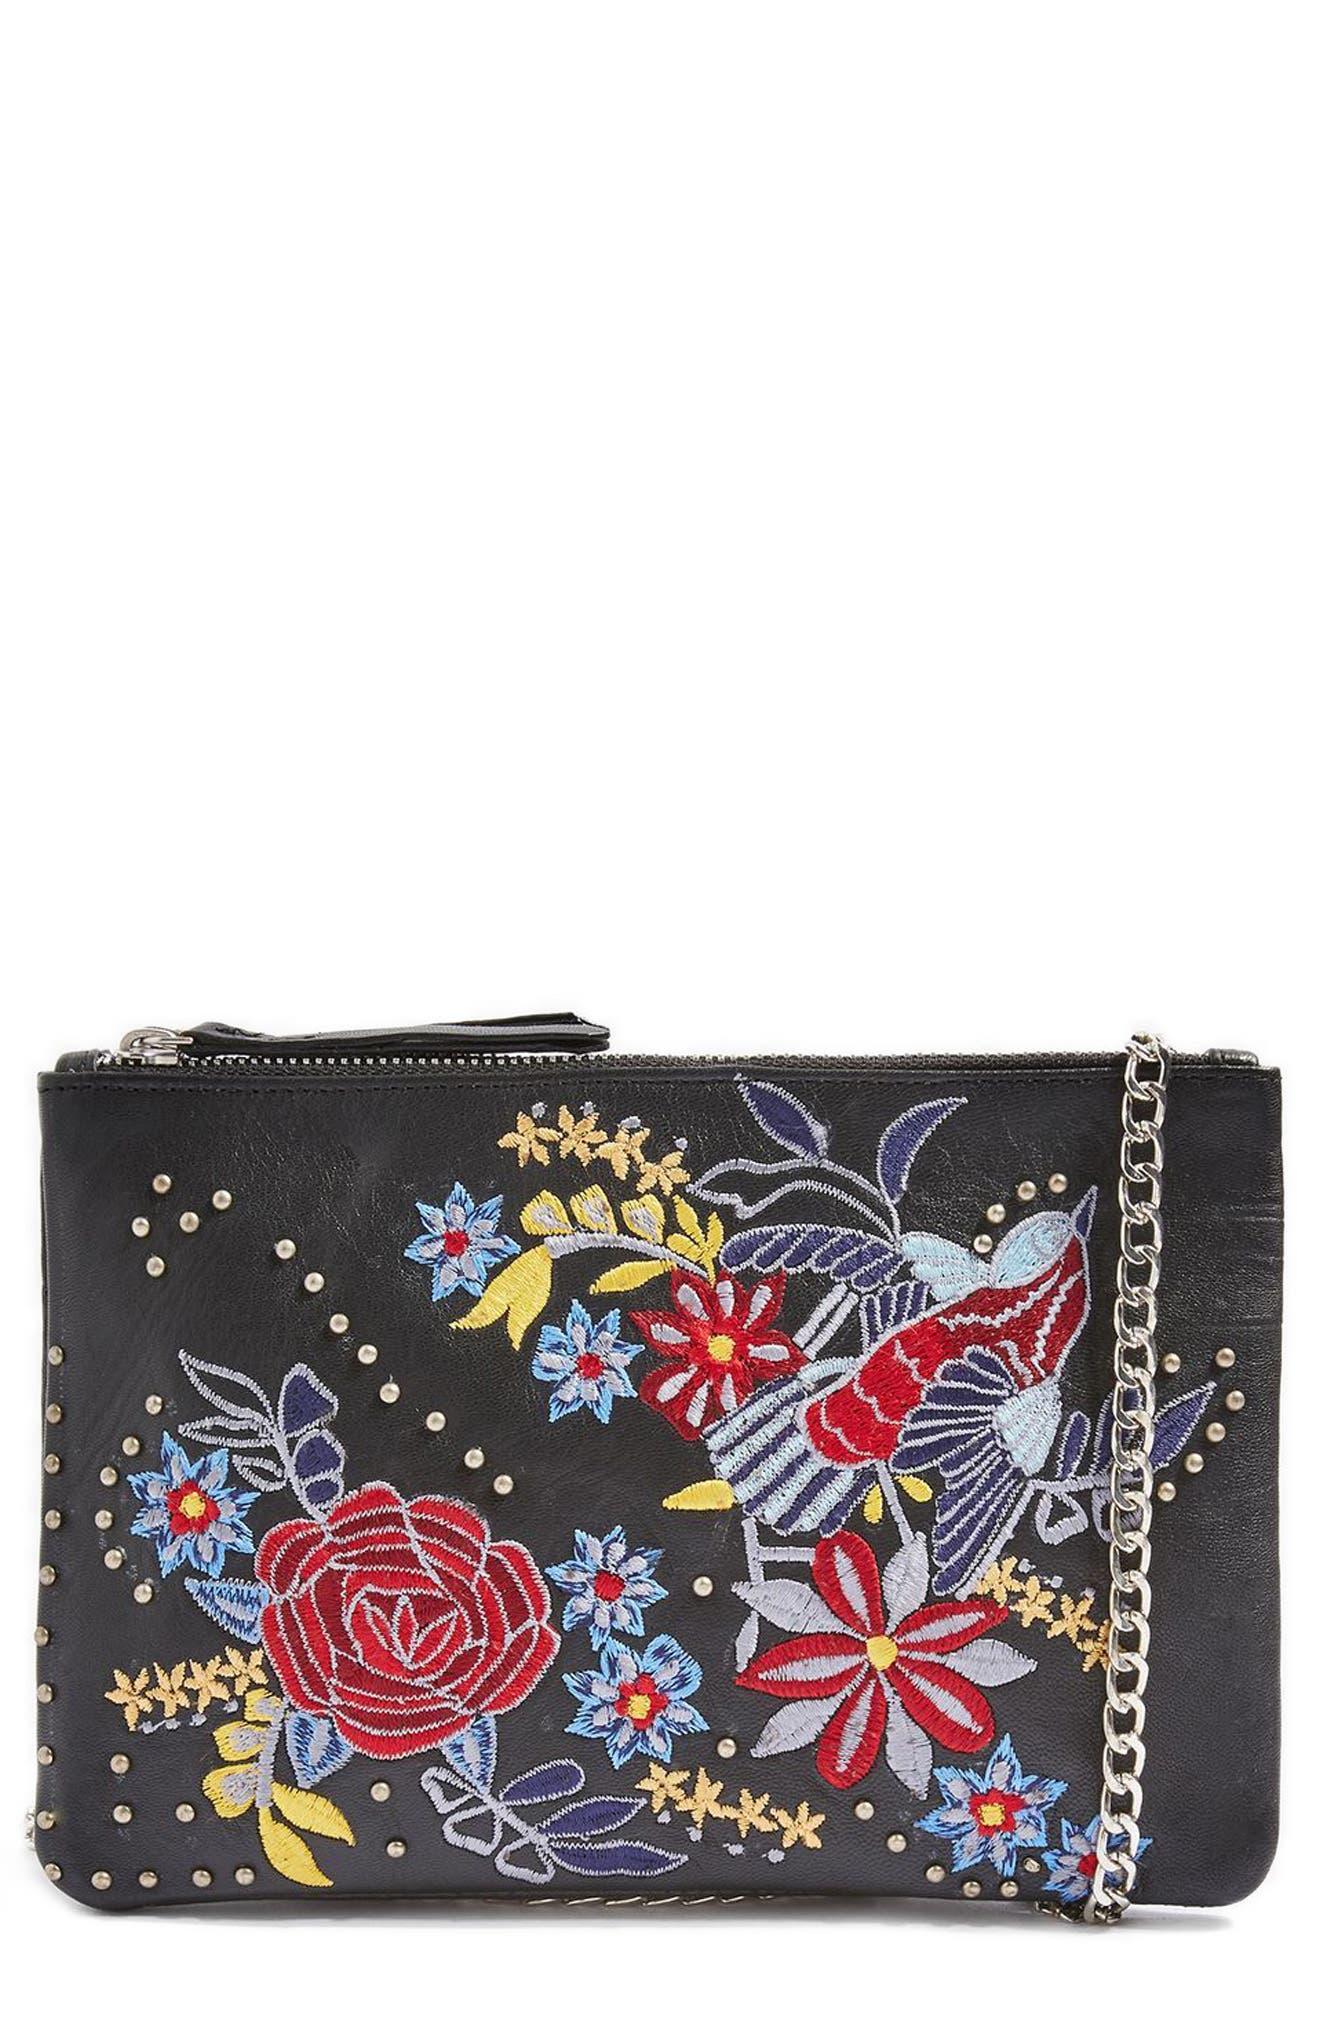 Ester Embroidered Leather Shoulder Bag,                             Main thumbnail 1, color,                             001